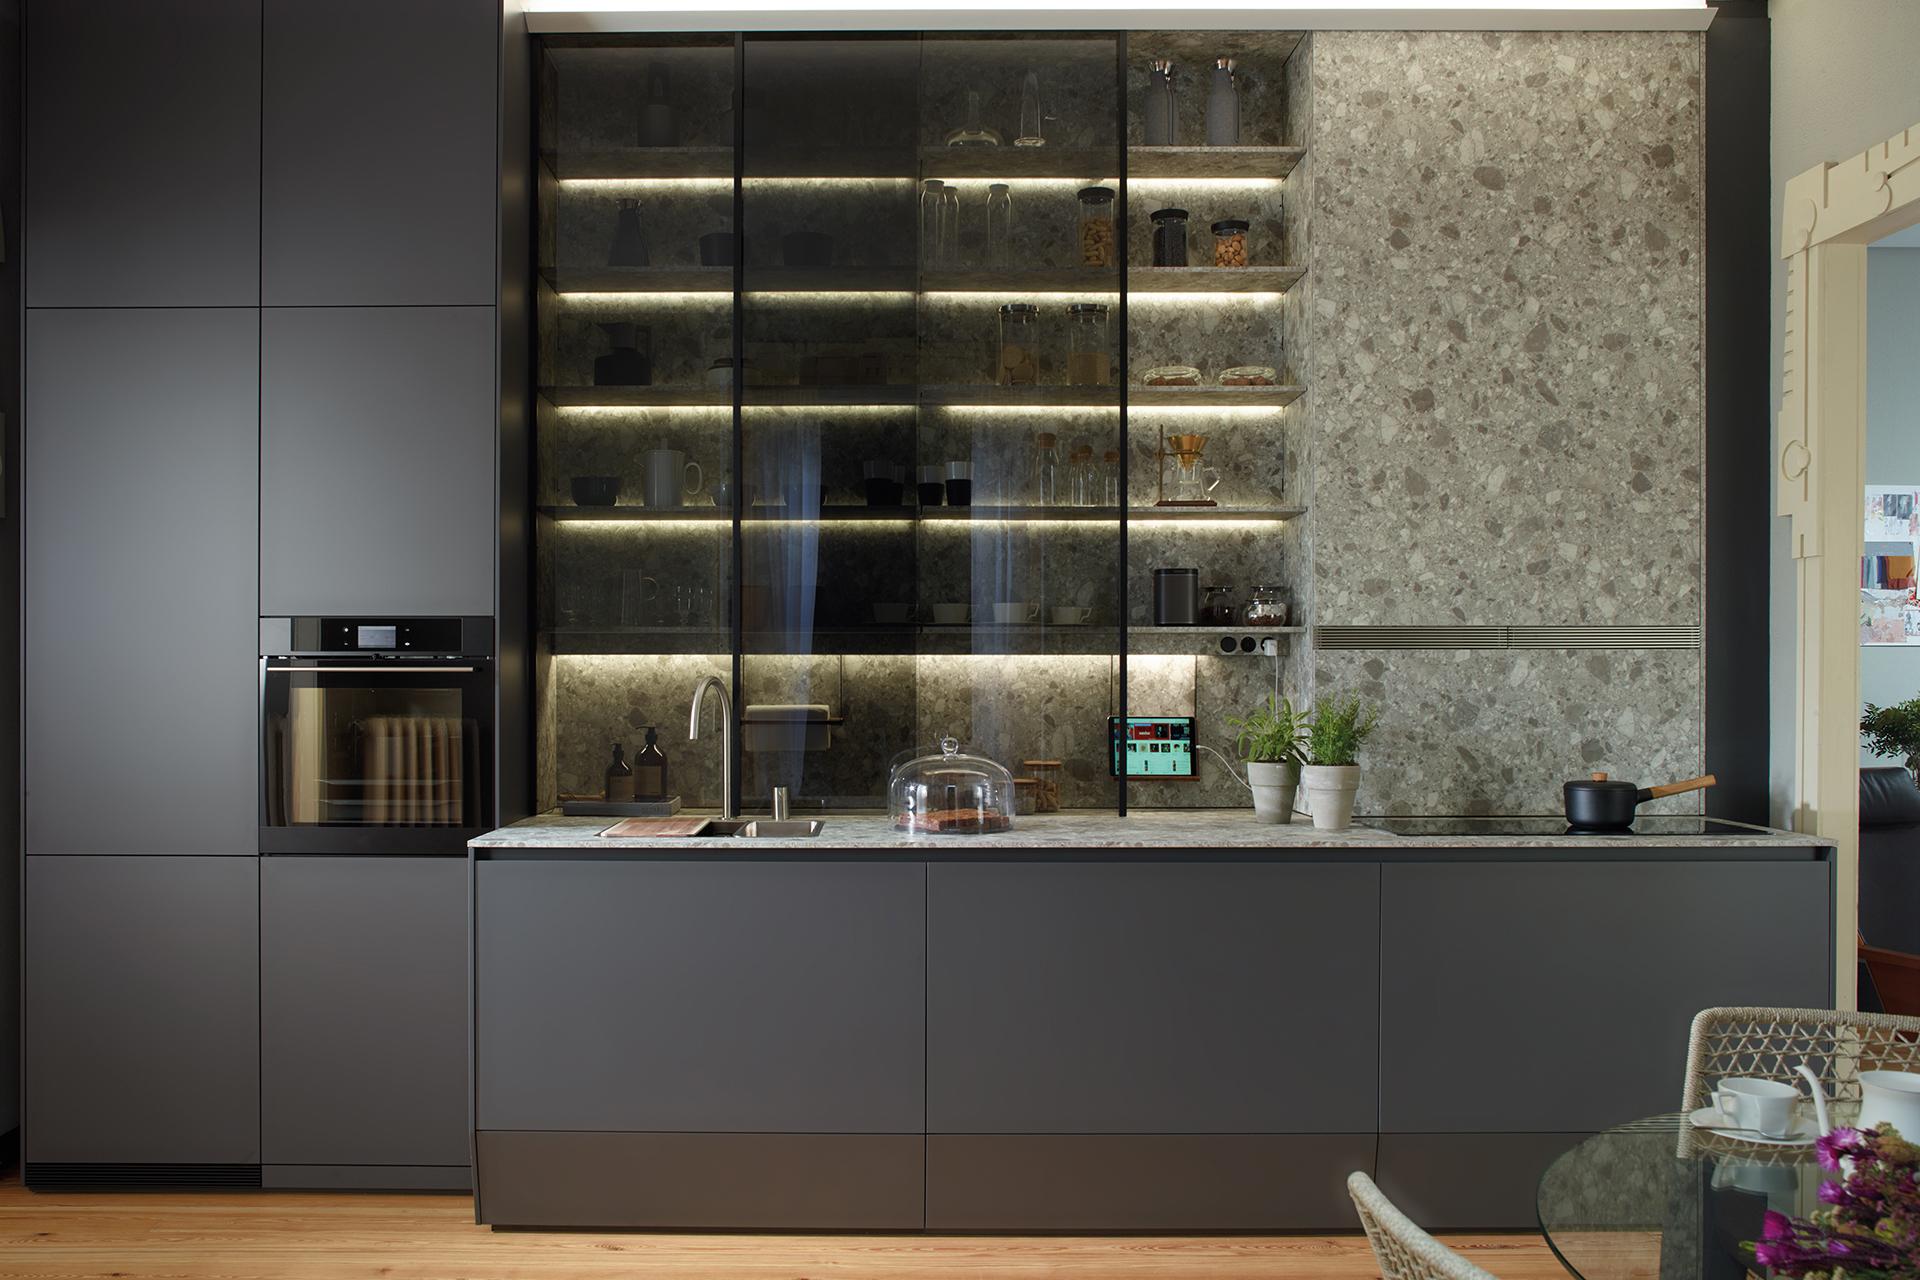 Cocina gris en línea abierta al comedor, equipada con muebles diseñados por Santo